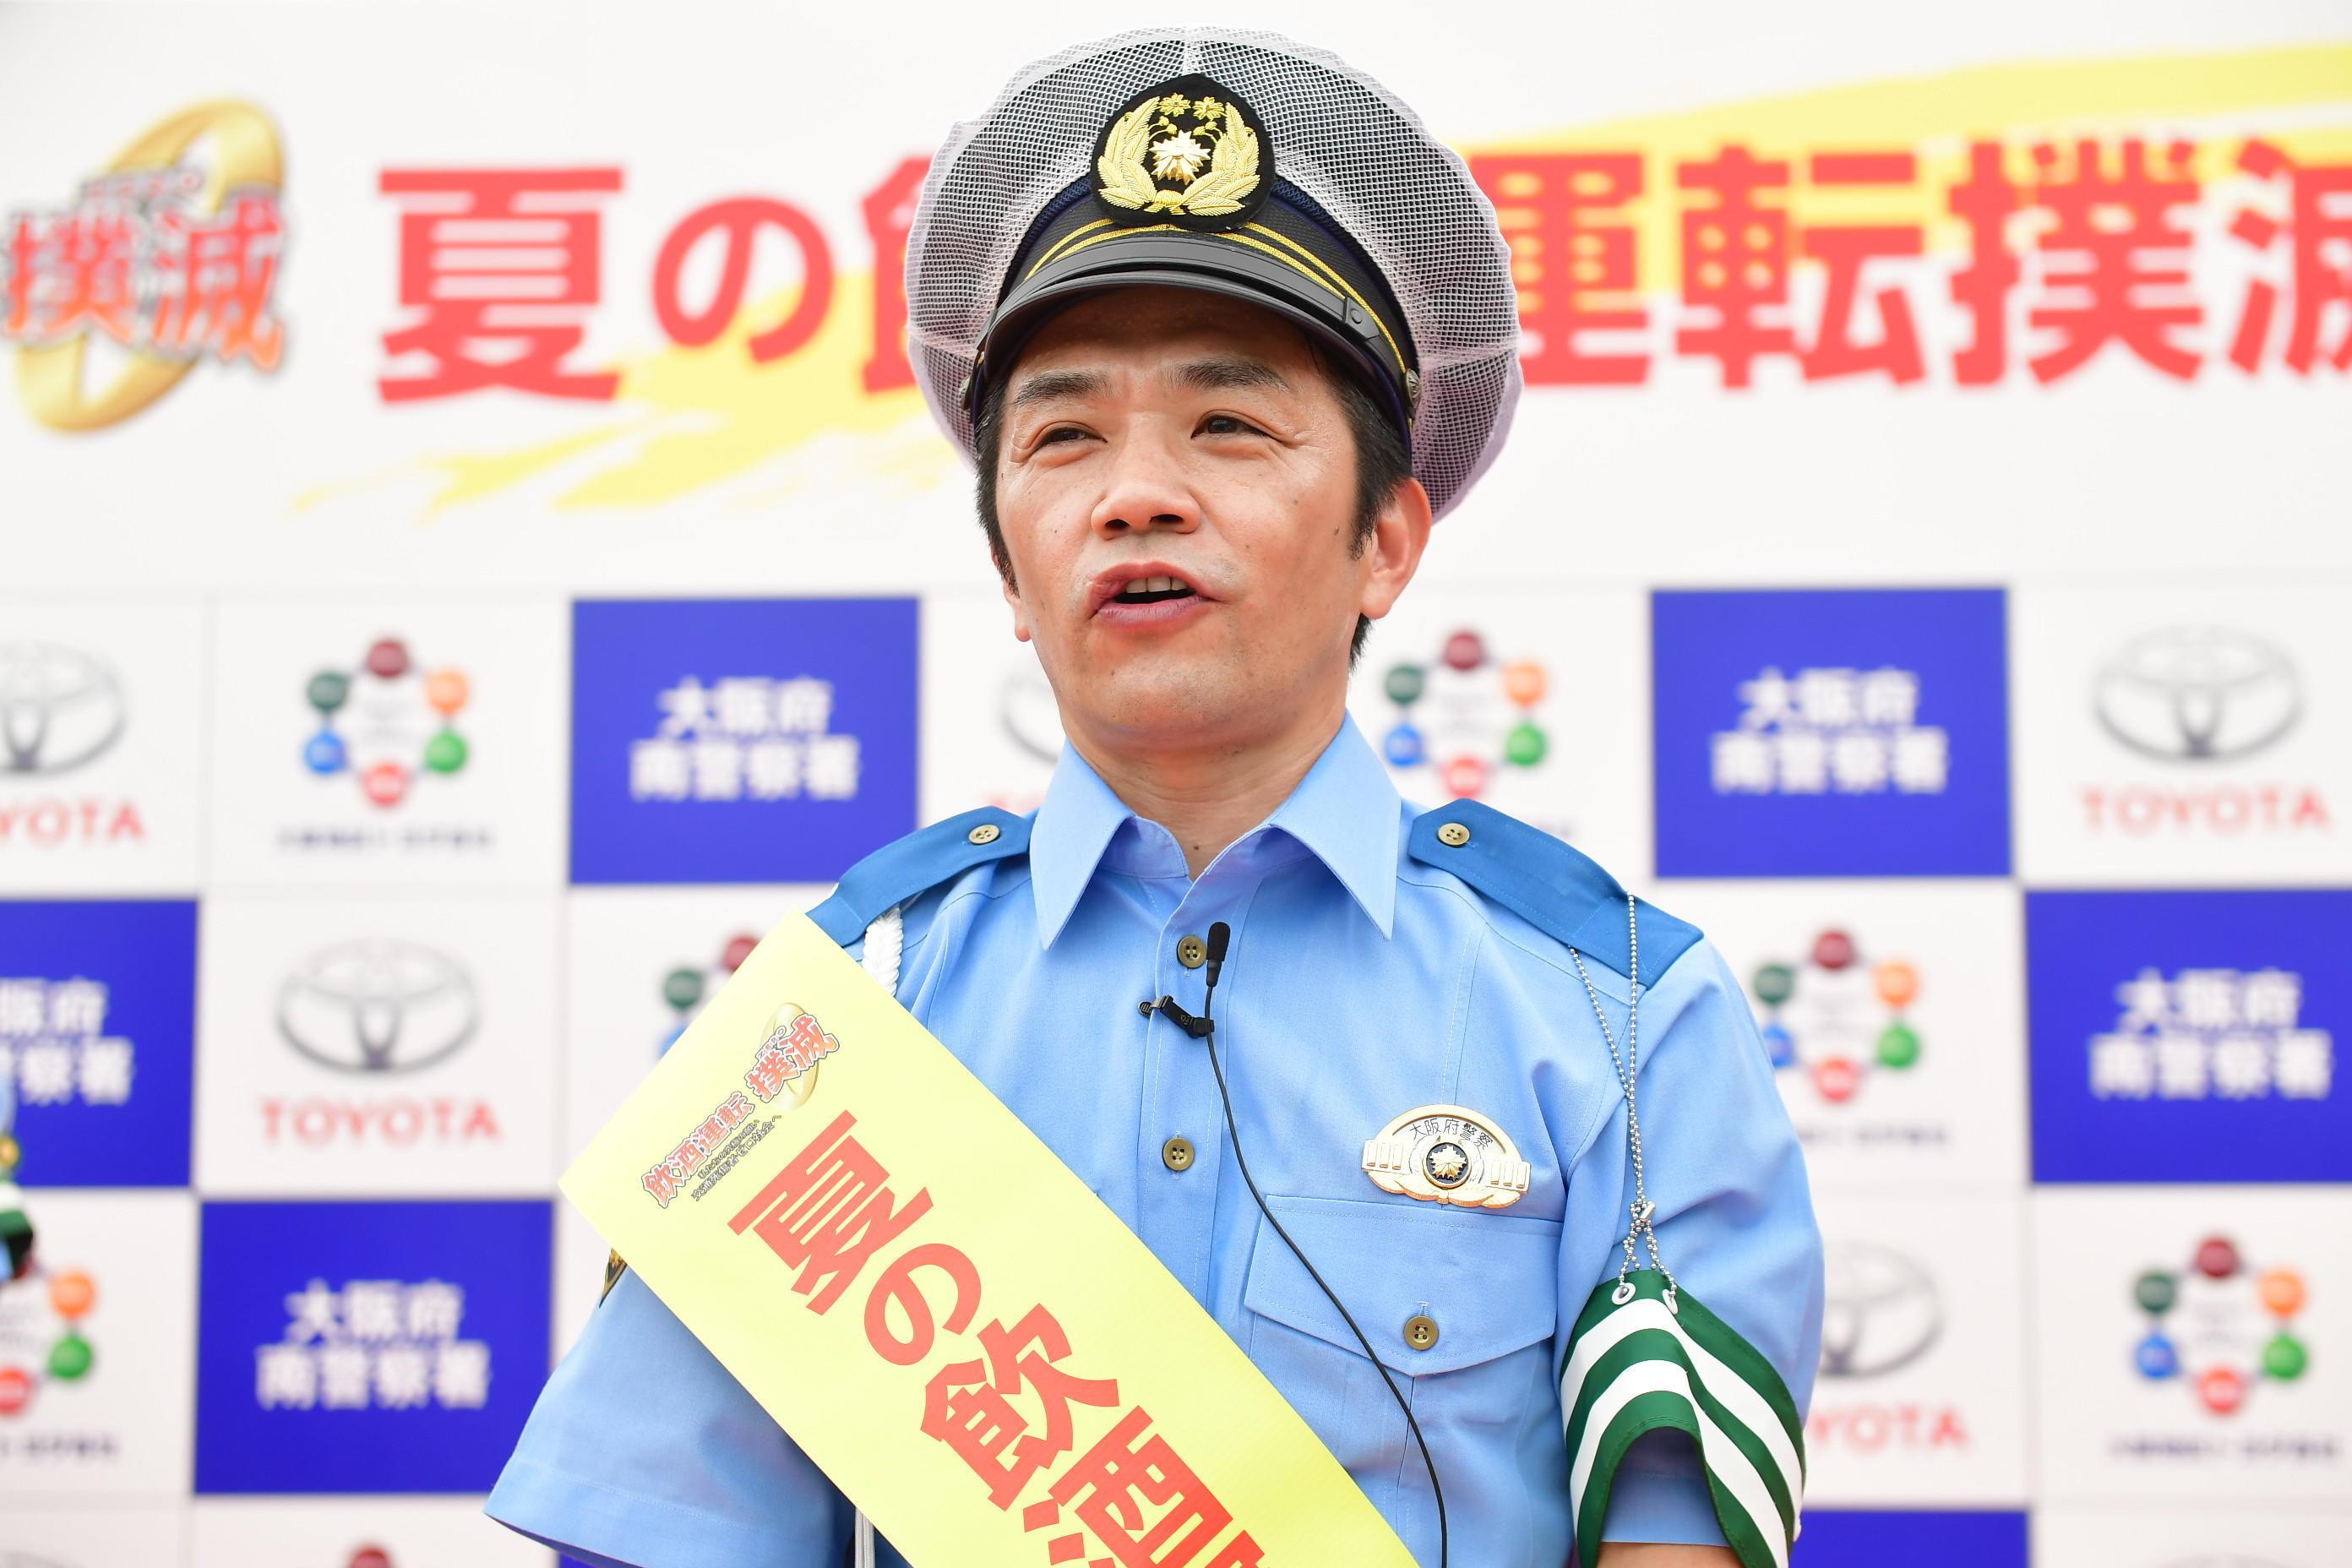 http://news.yoshimoto.co.jp/20180727202103-5b550d73251de984788b49e257ec7b7e473be3a1.jpg